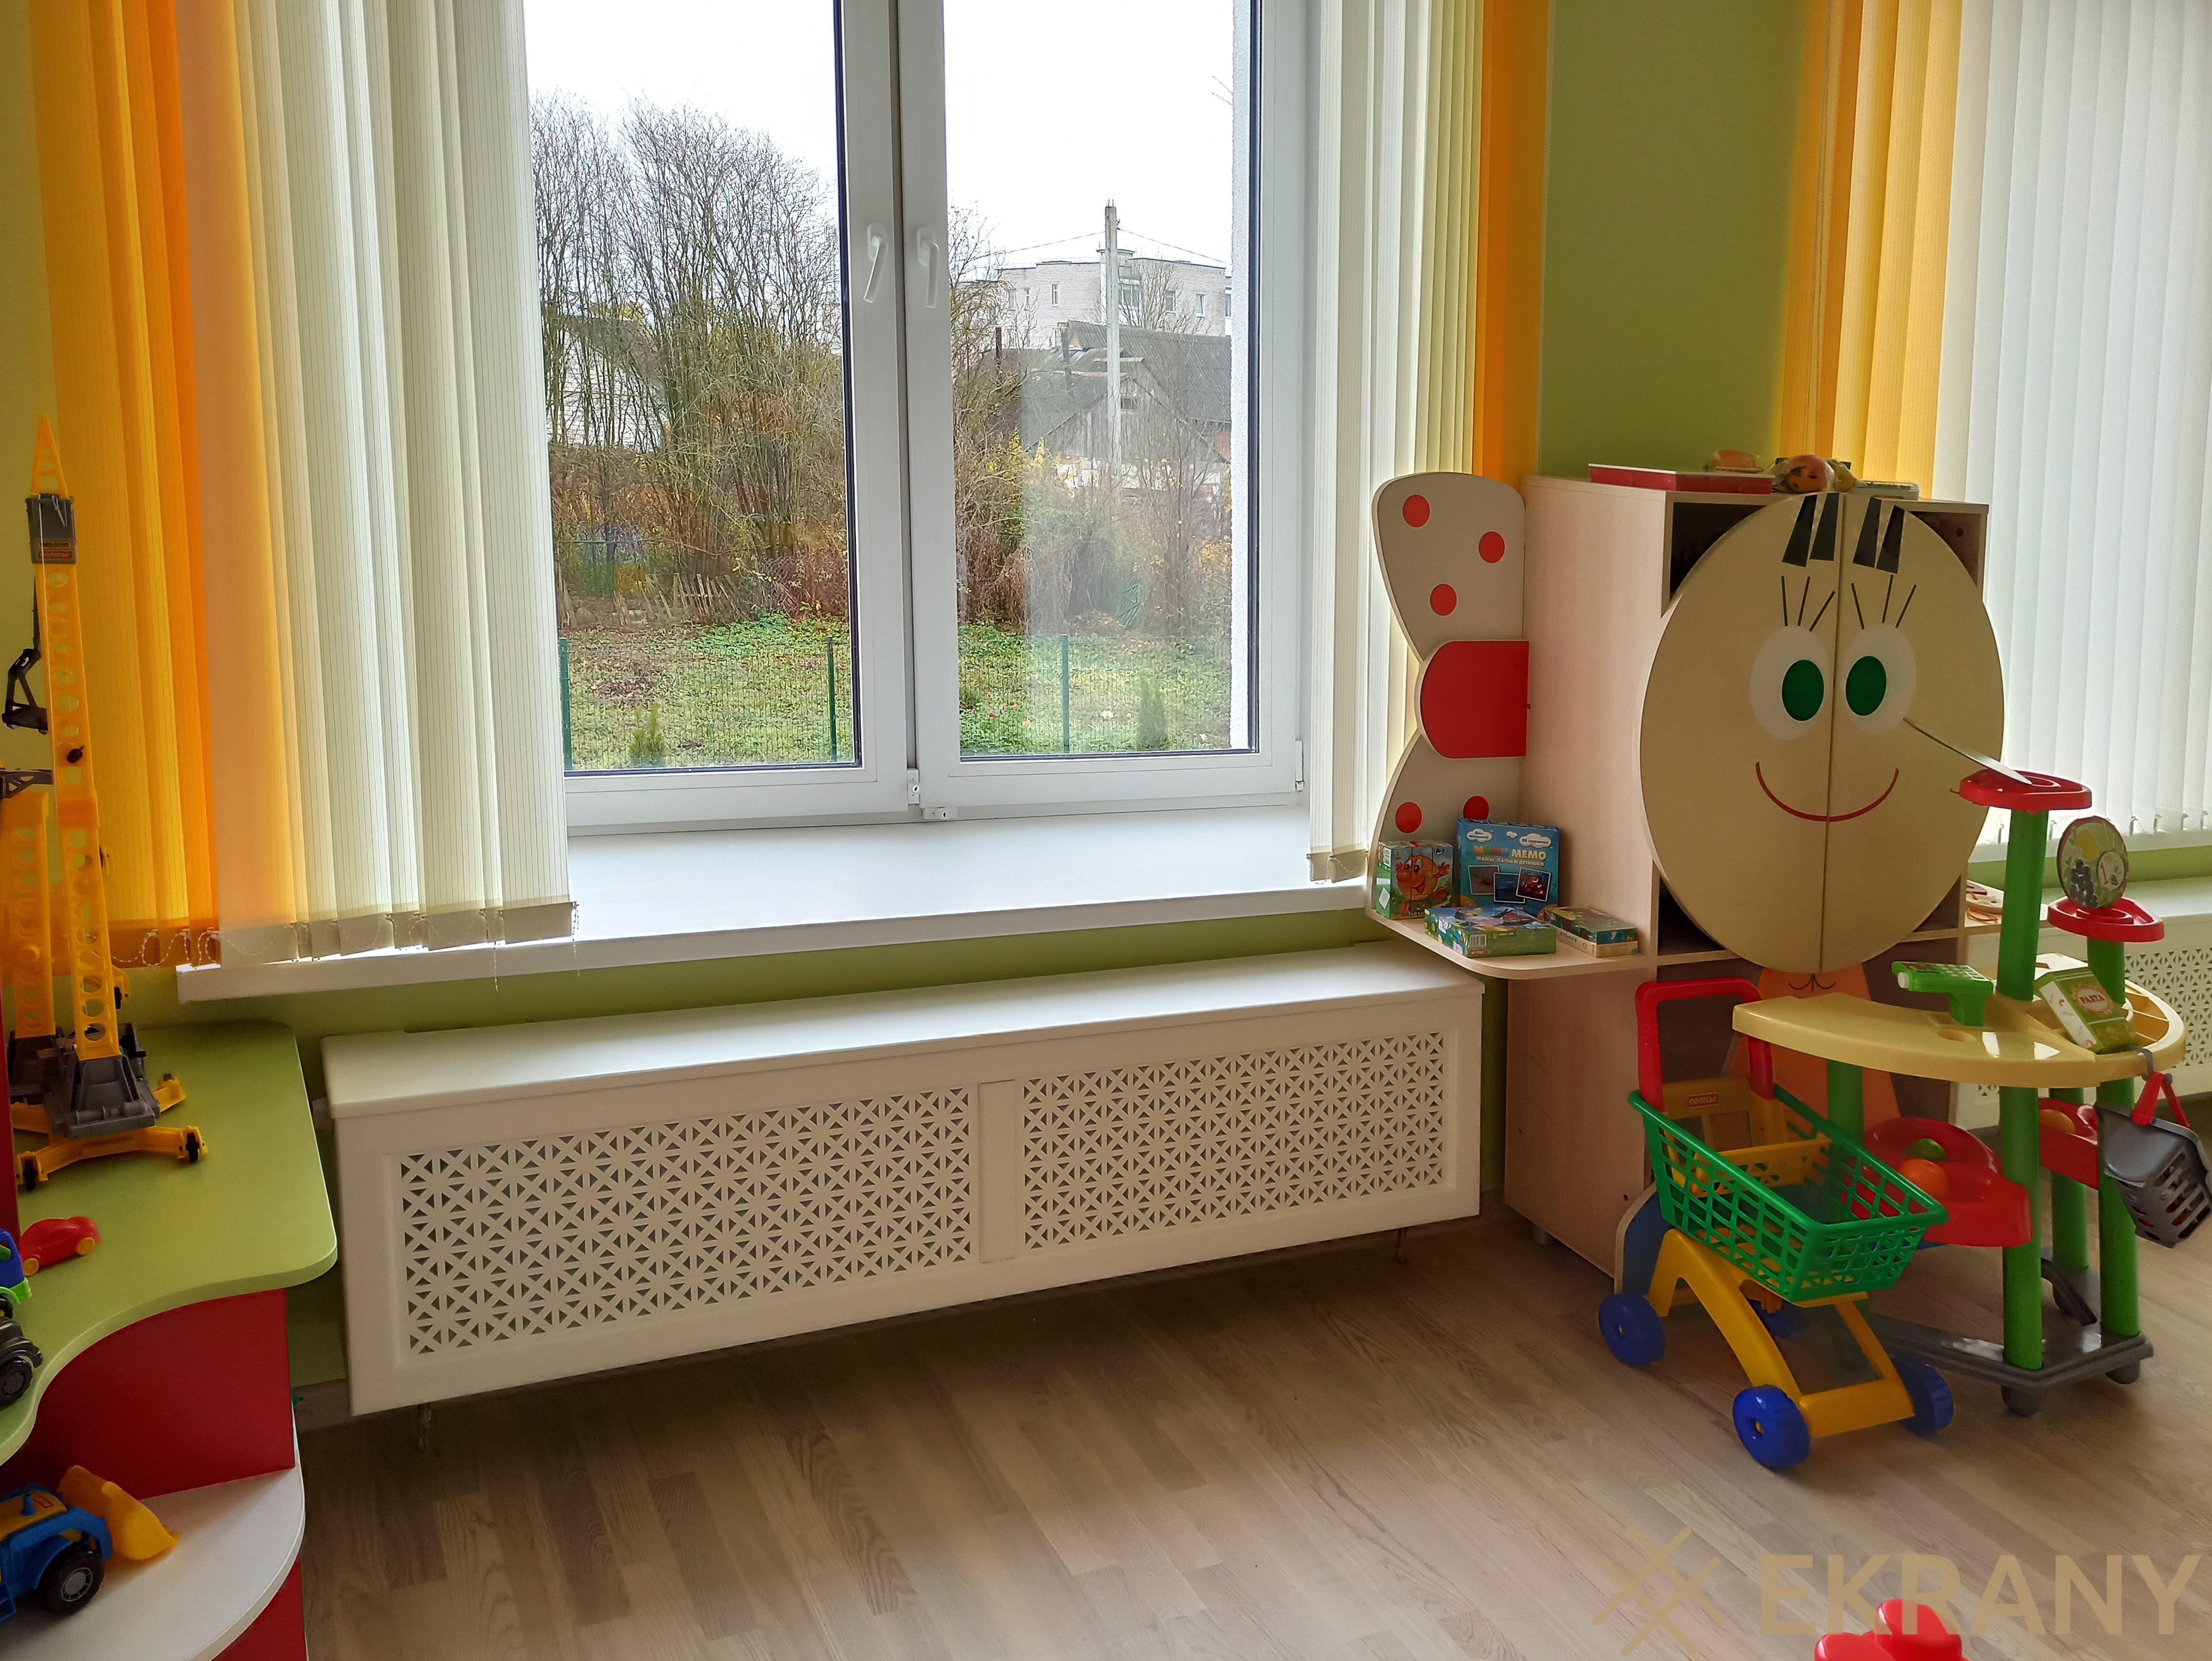 экраны из массива сосны в детском саду г. Ошмяны